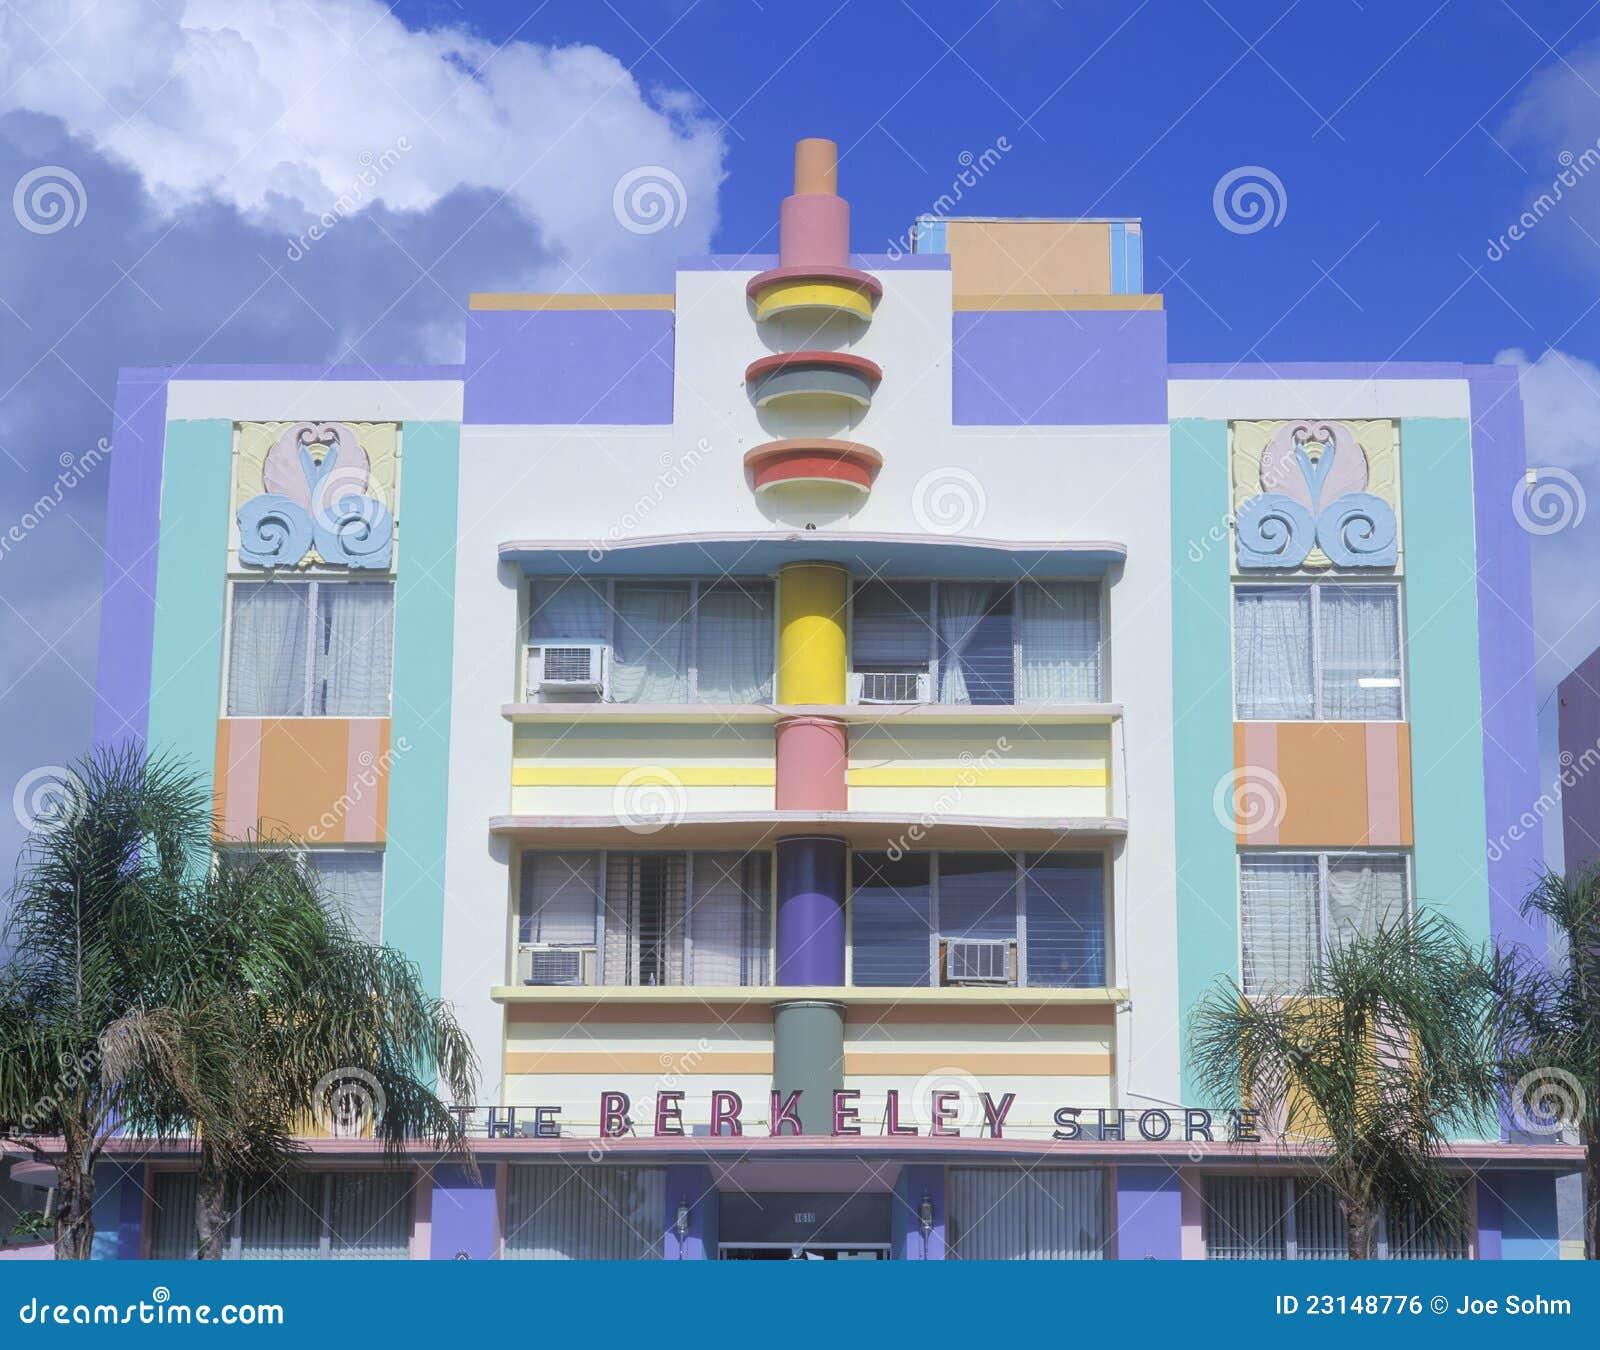 deco building in south miami fl editorial photo